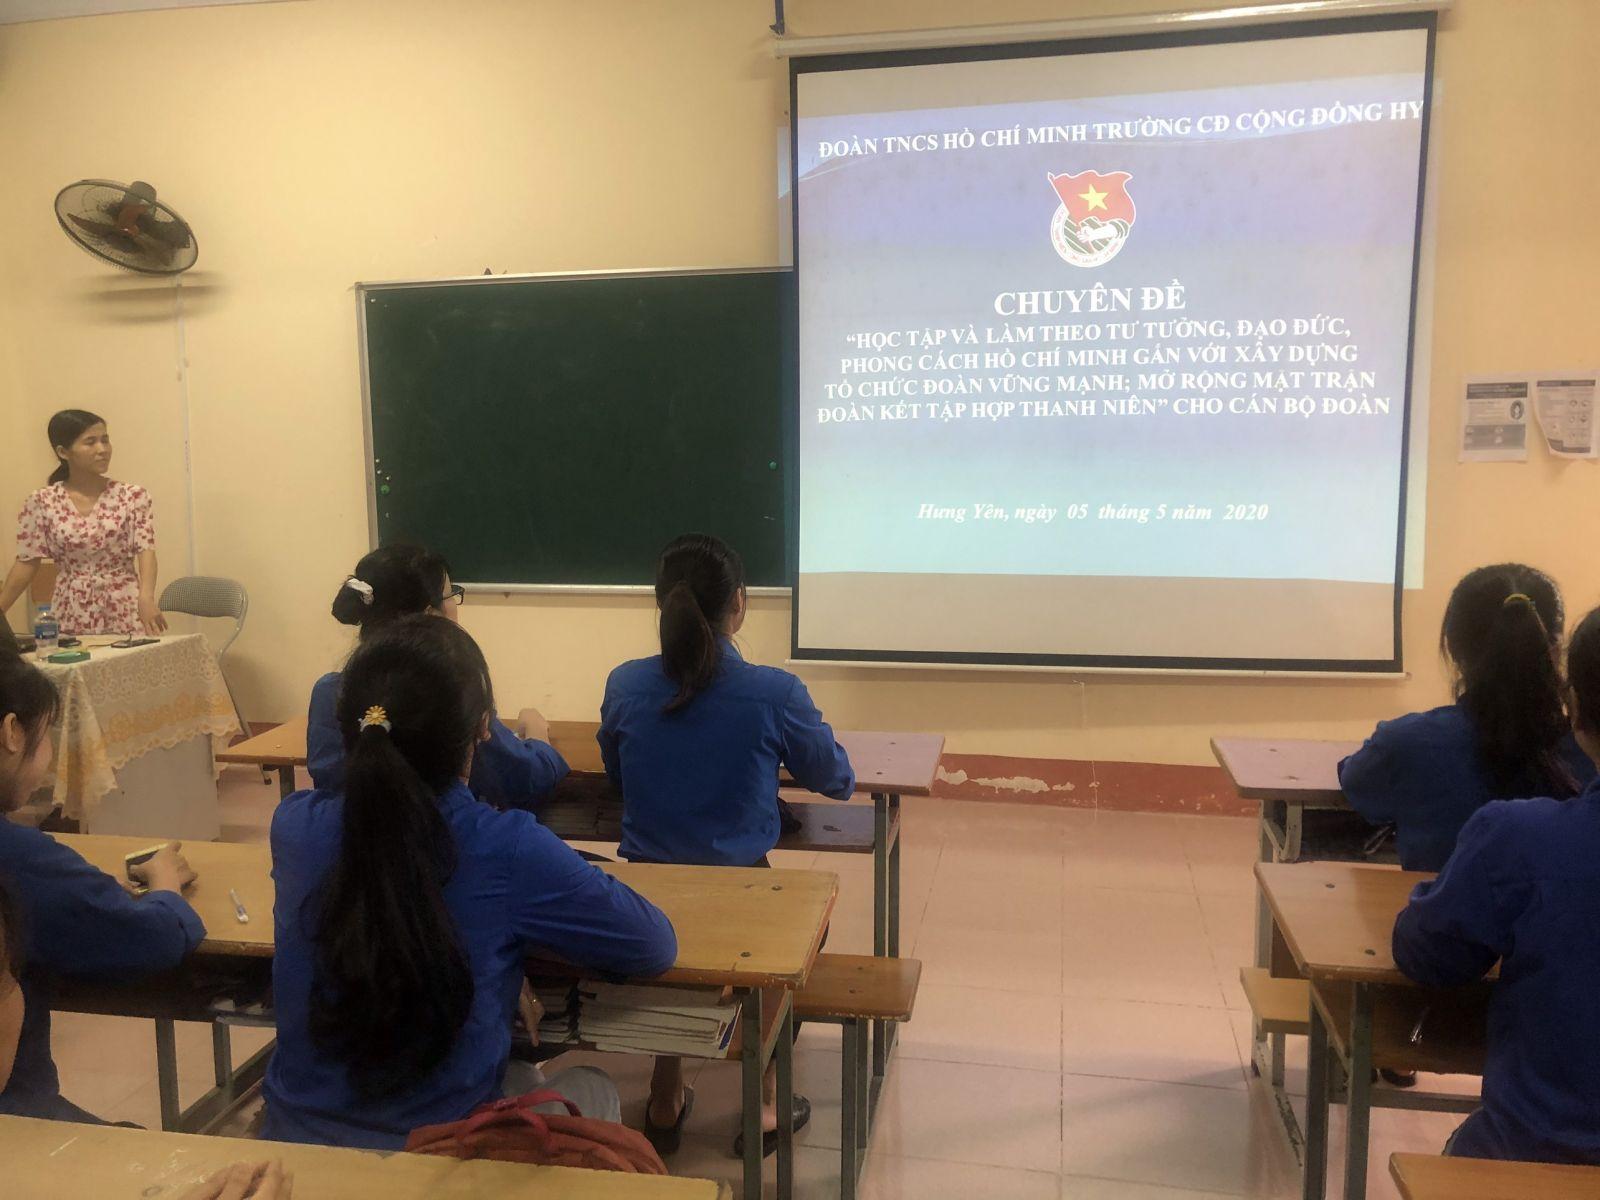 Đoàn trường Cao đẳng Cộng đồng Hưng Yên tổ chức  học tập  chuyên đề Học tập và làm theo tư tưởng đạo đức, phong cách Hồ Chí Minh cho đoàn viên, thanh niên